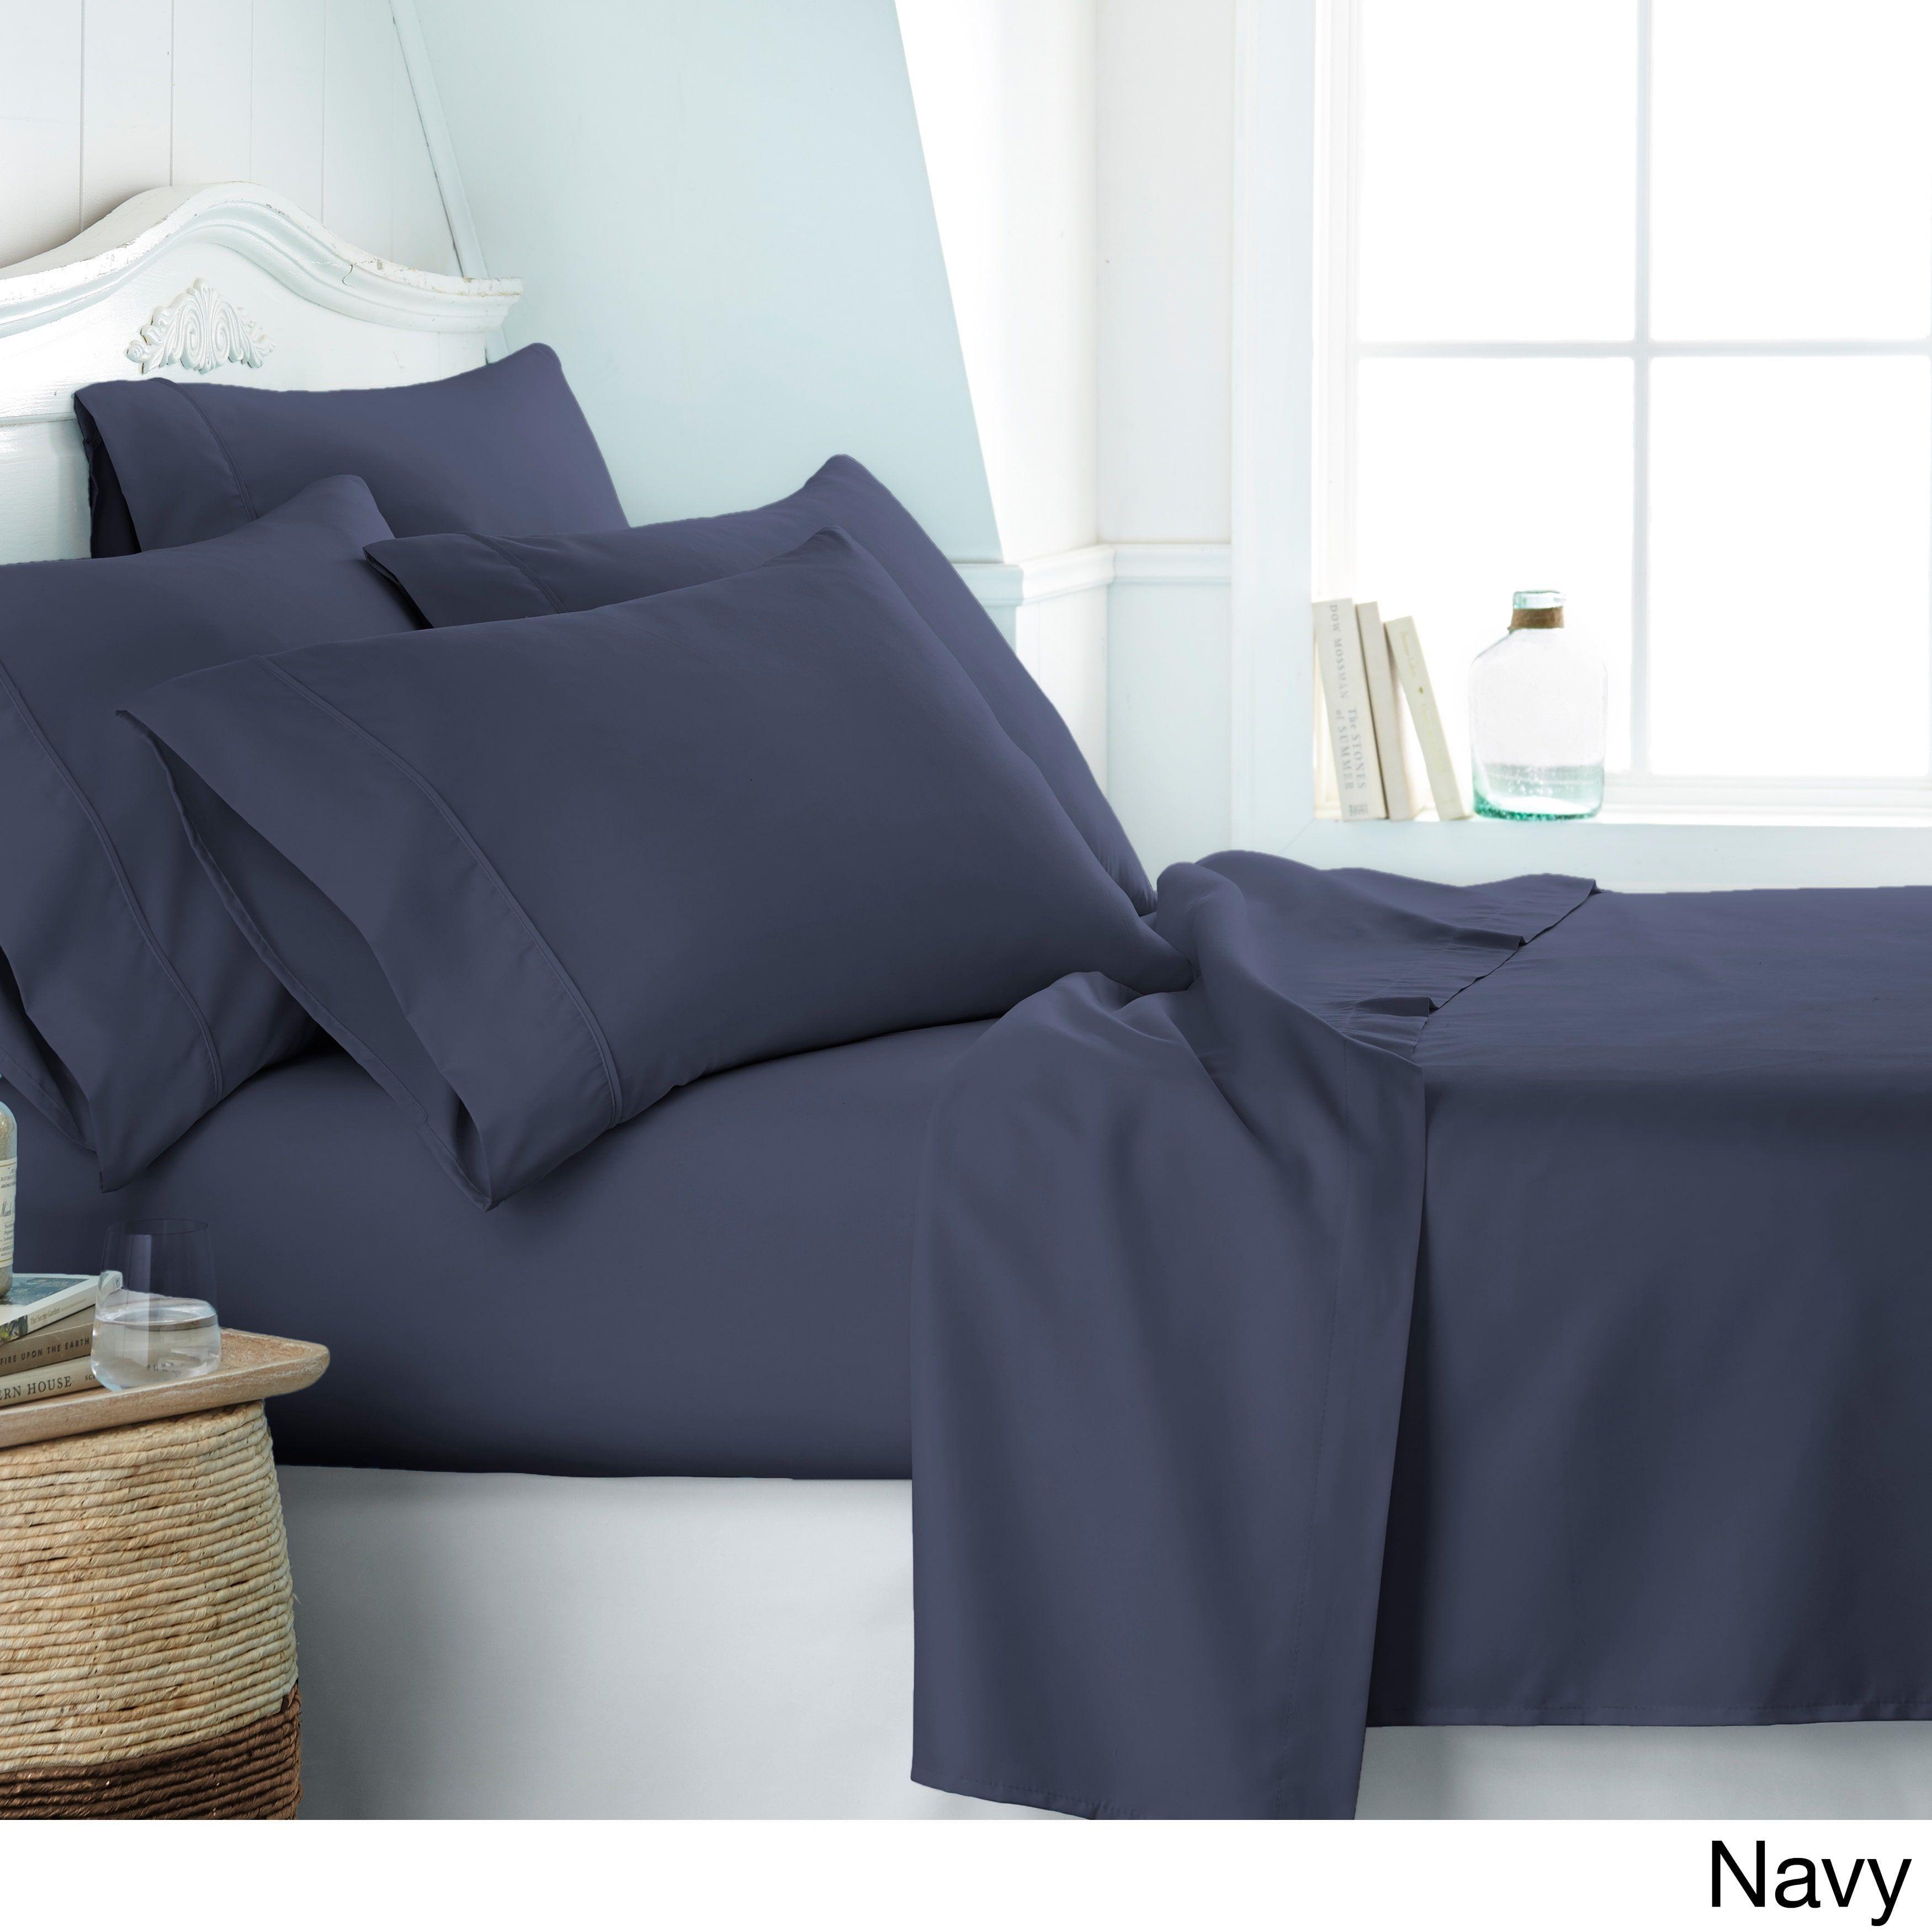 Soft Essentials Ultra Soft 3 Piece Or 5 Piece Deep Pocket Bed Sheet